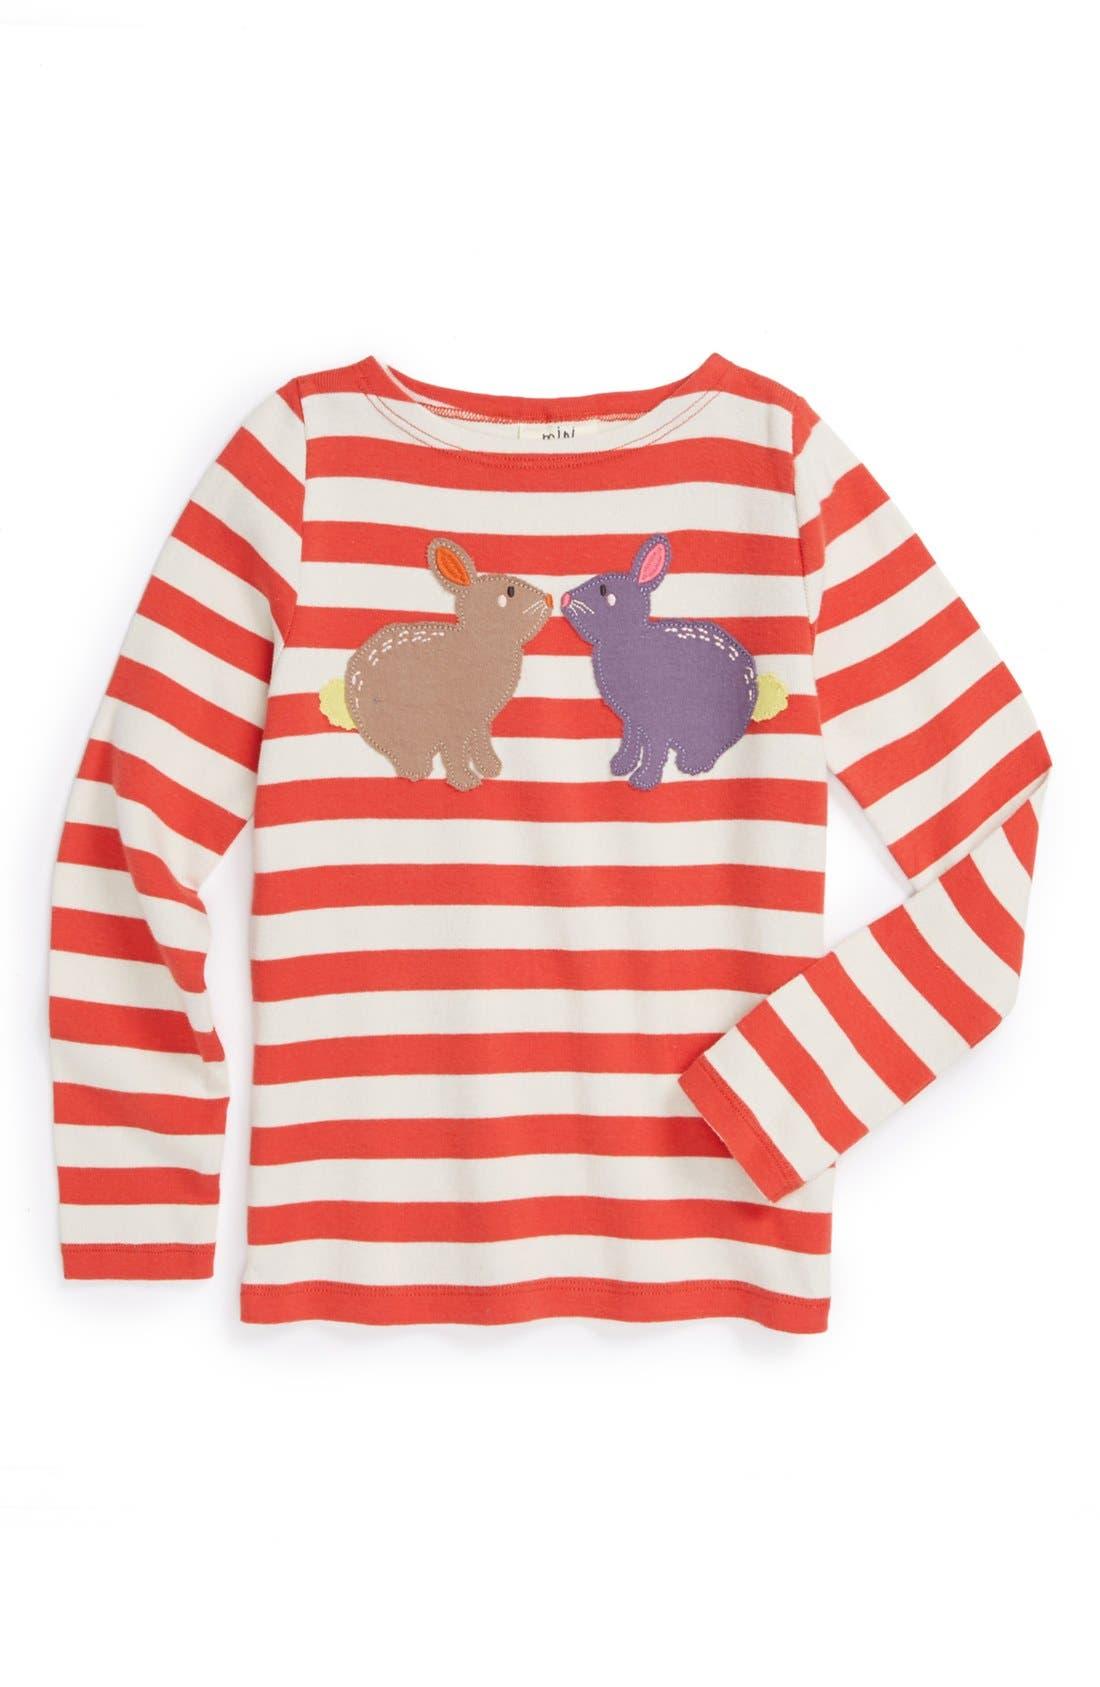 Alternate Image 1 Selected - Mini Boden 'Stripy Animal' Tee (Little Girls & Big Girls)